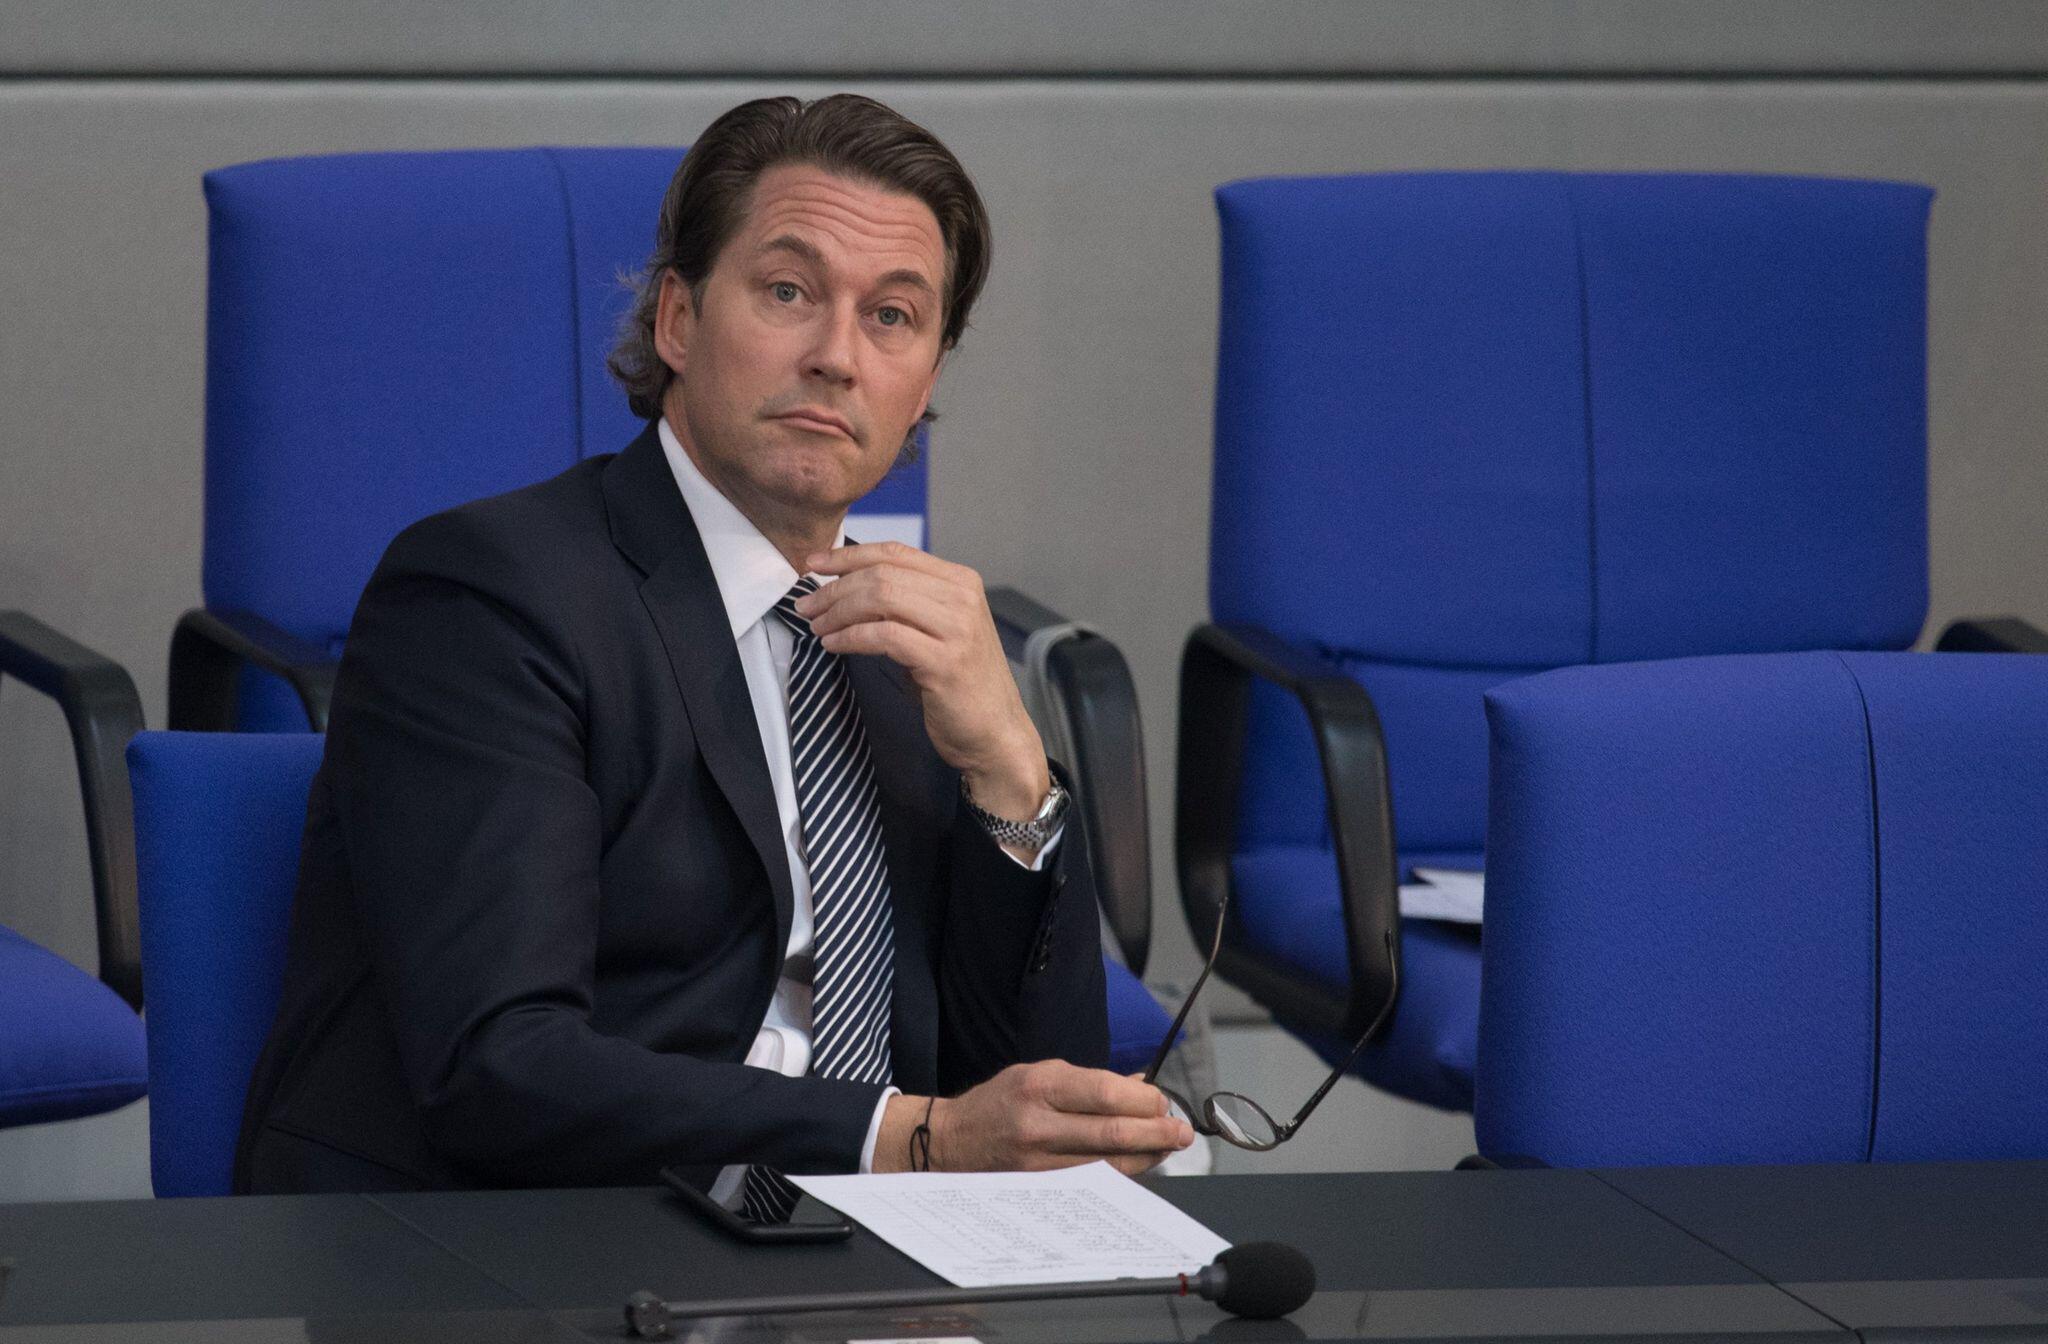 Bild zu Koalition vor wegweisenden Entscheidungen, Andreas Scheuer, CSU